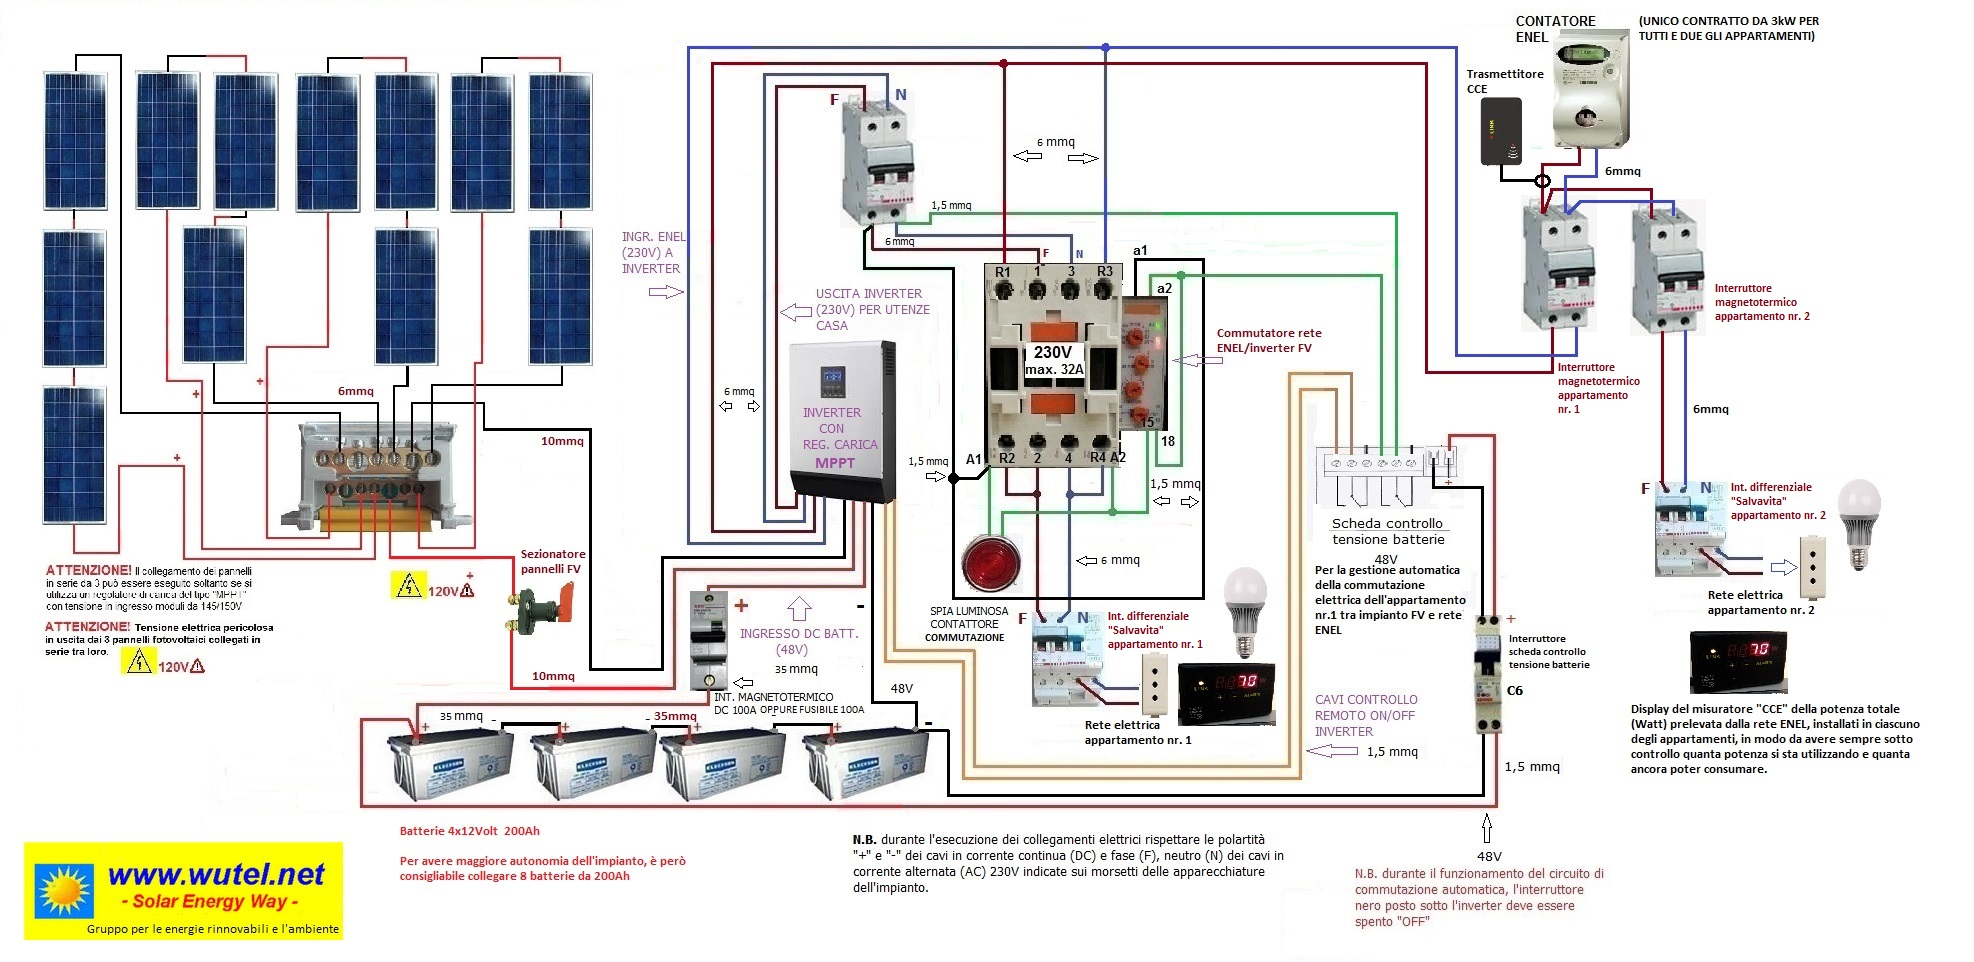 Schema Elettrico Impianto Fotovoltaico Con Accumulo : Wutel sole